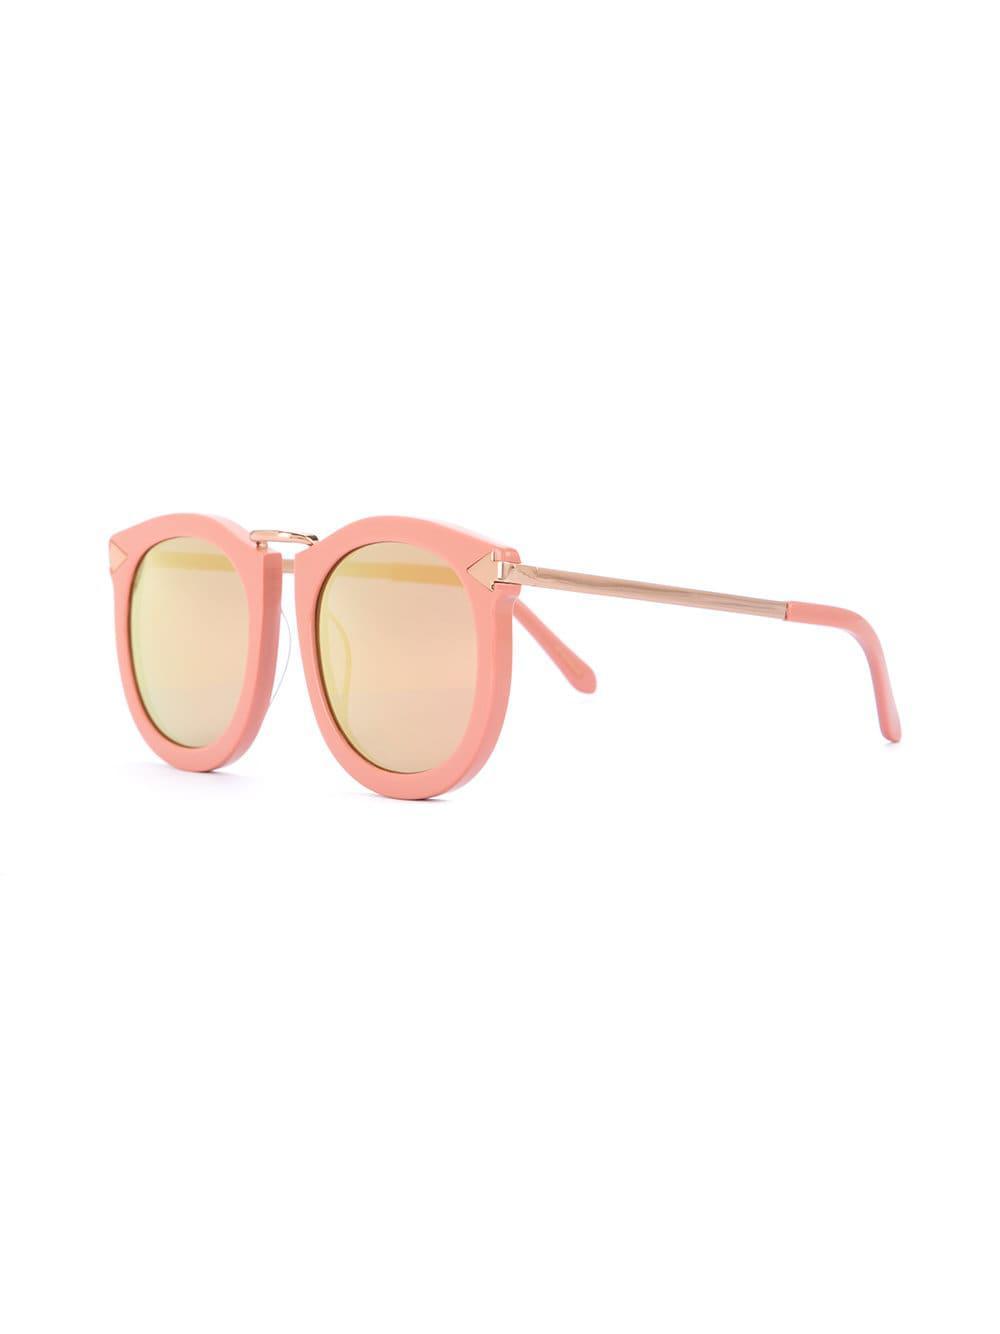 b551fb89742a Lyst - Karen Walker Super Lunar Sunglasses in Pink